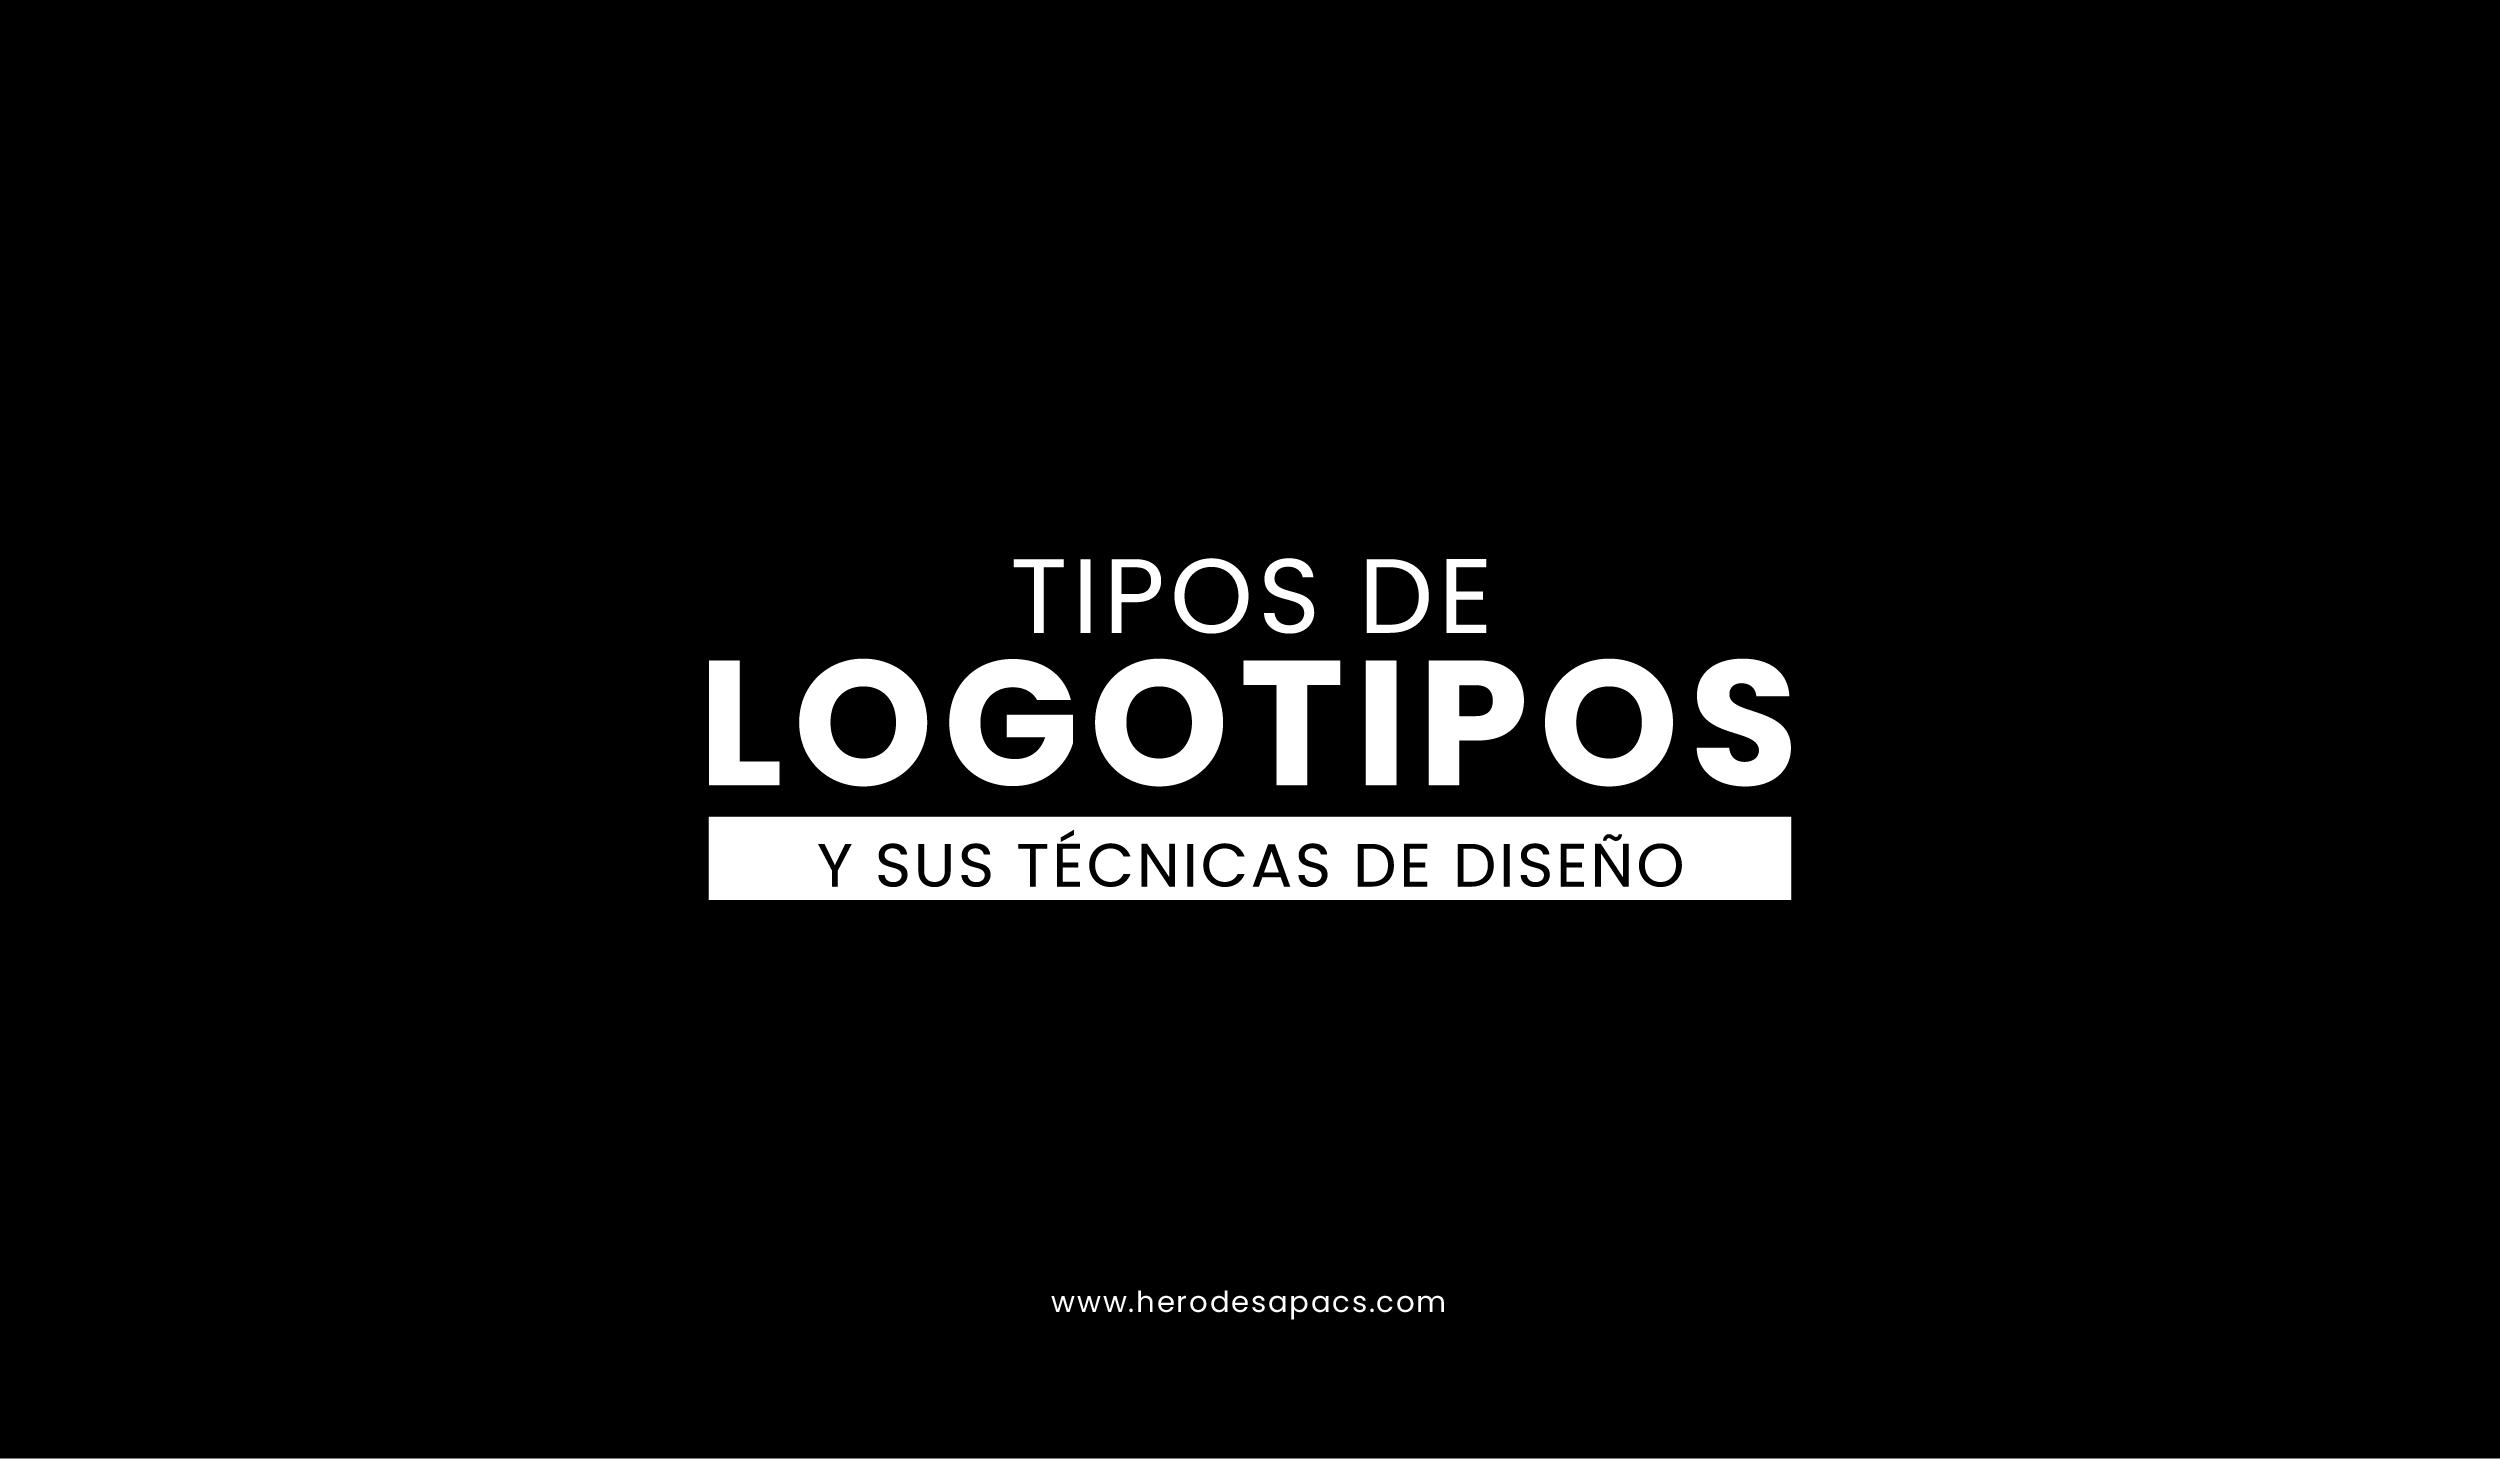 Tipos de logotipos - que son los logotipos - tipos de logotipos - logos - estilos de logo - ejemplos de imagotipos - logotipos tipograficos - isotipos - isologotipos